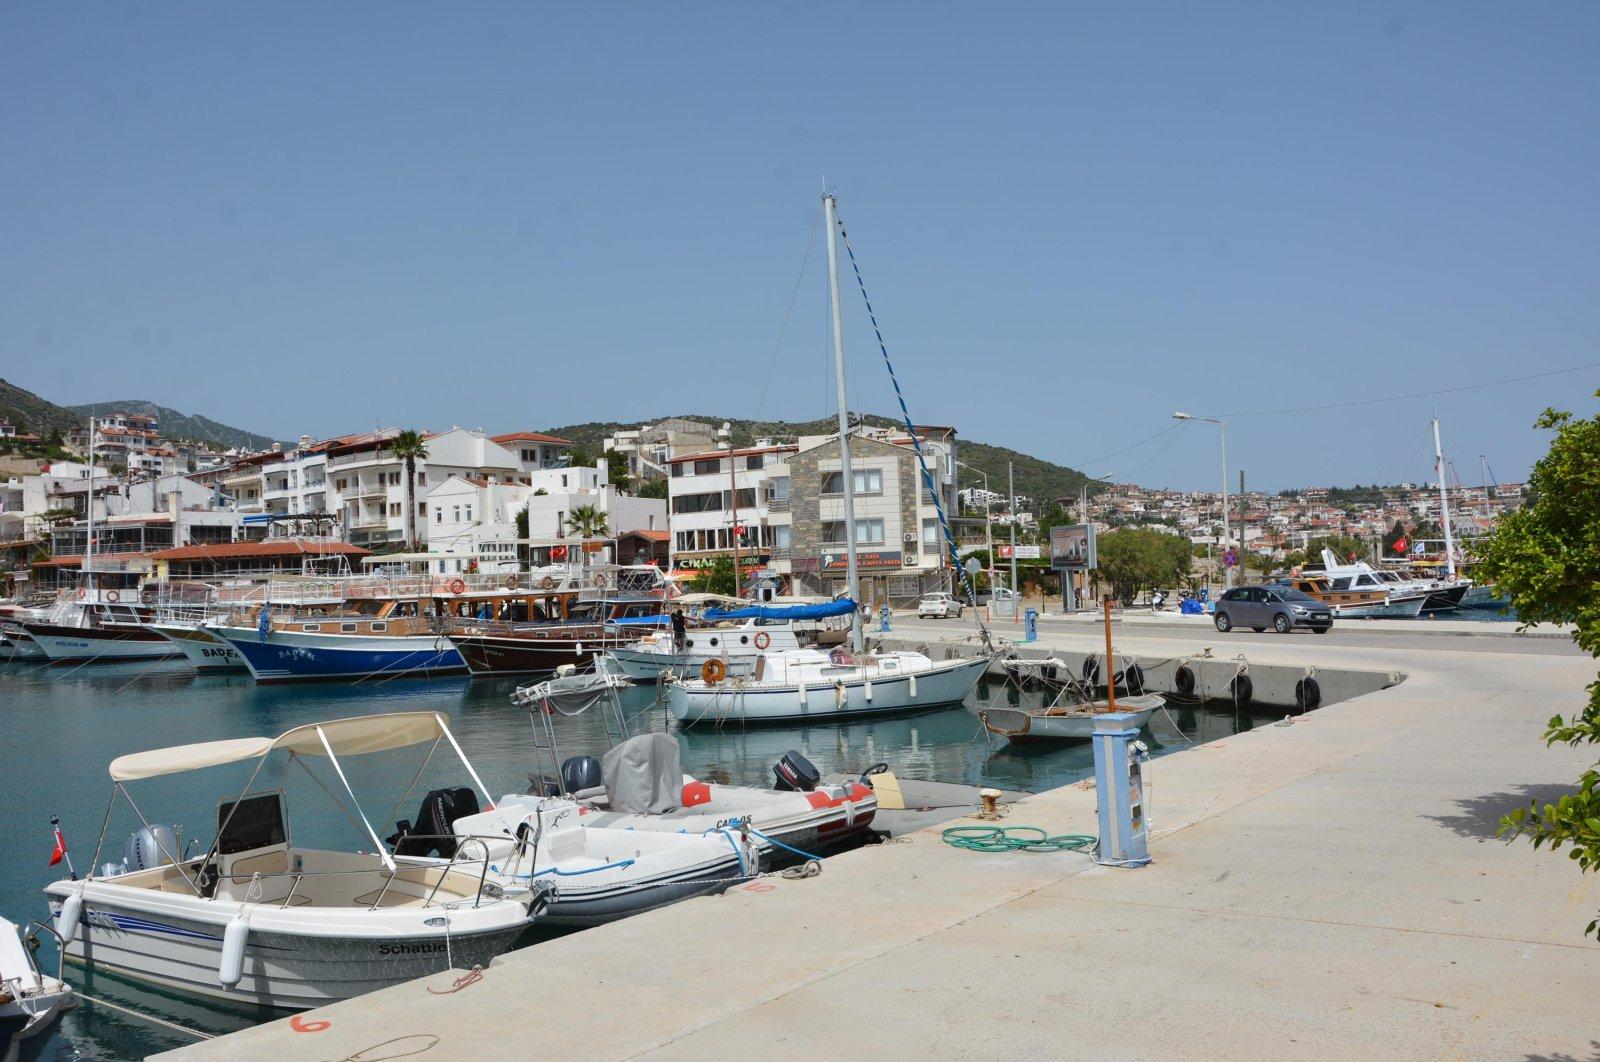 A pier in Muğla's Datça district, Turkey, May 18, 2020. (DHA Photo)